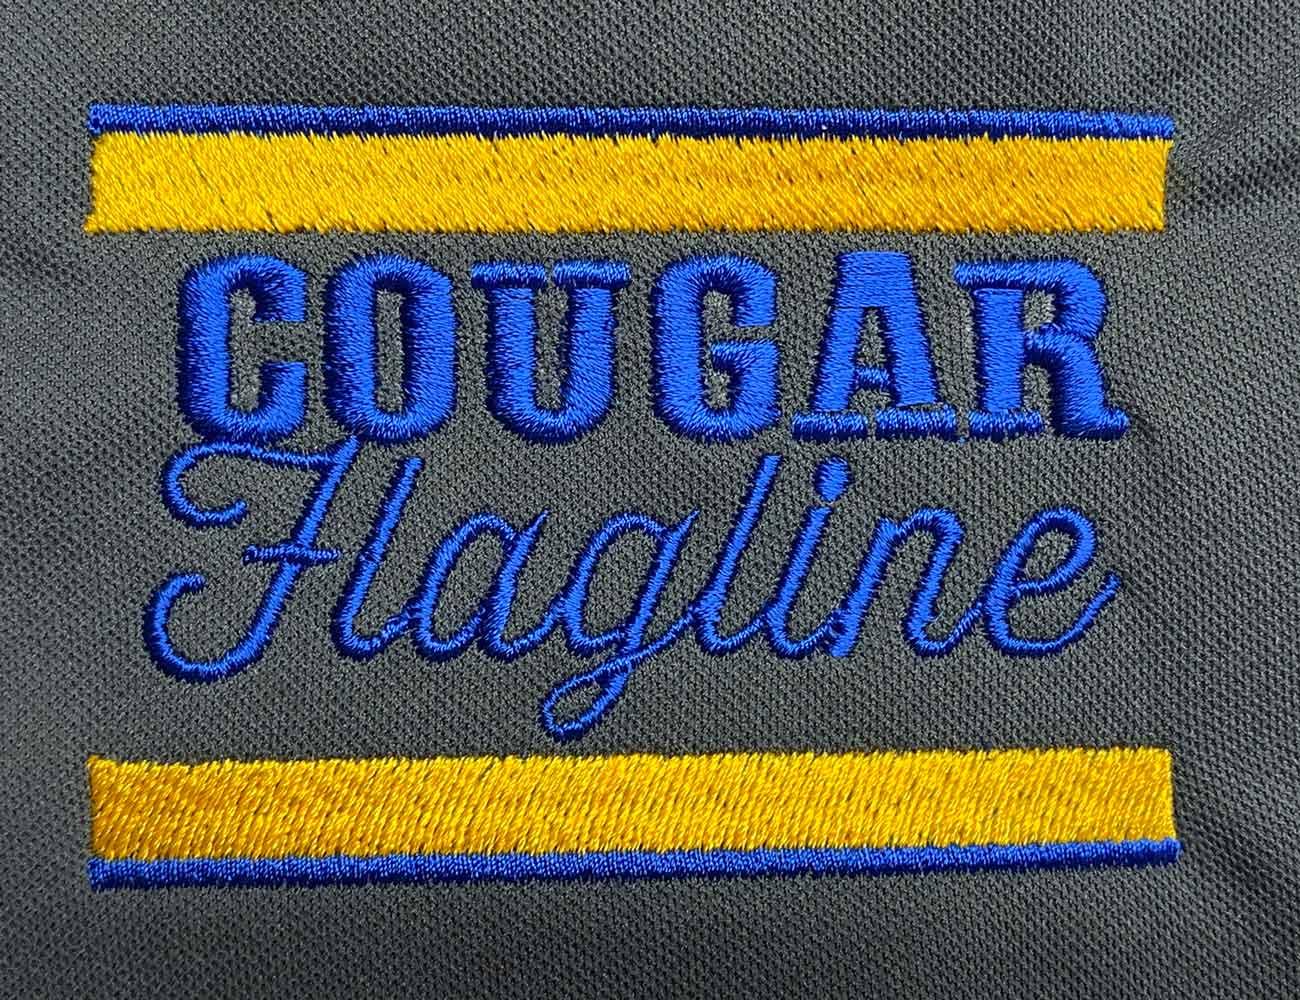 KYC_COUGAR-FLAGLINE_web.jpg